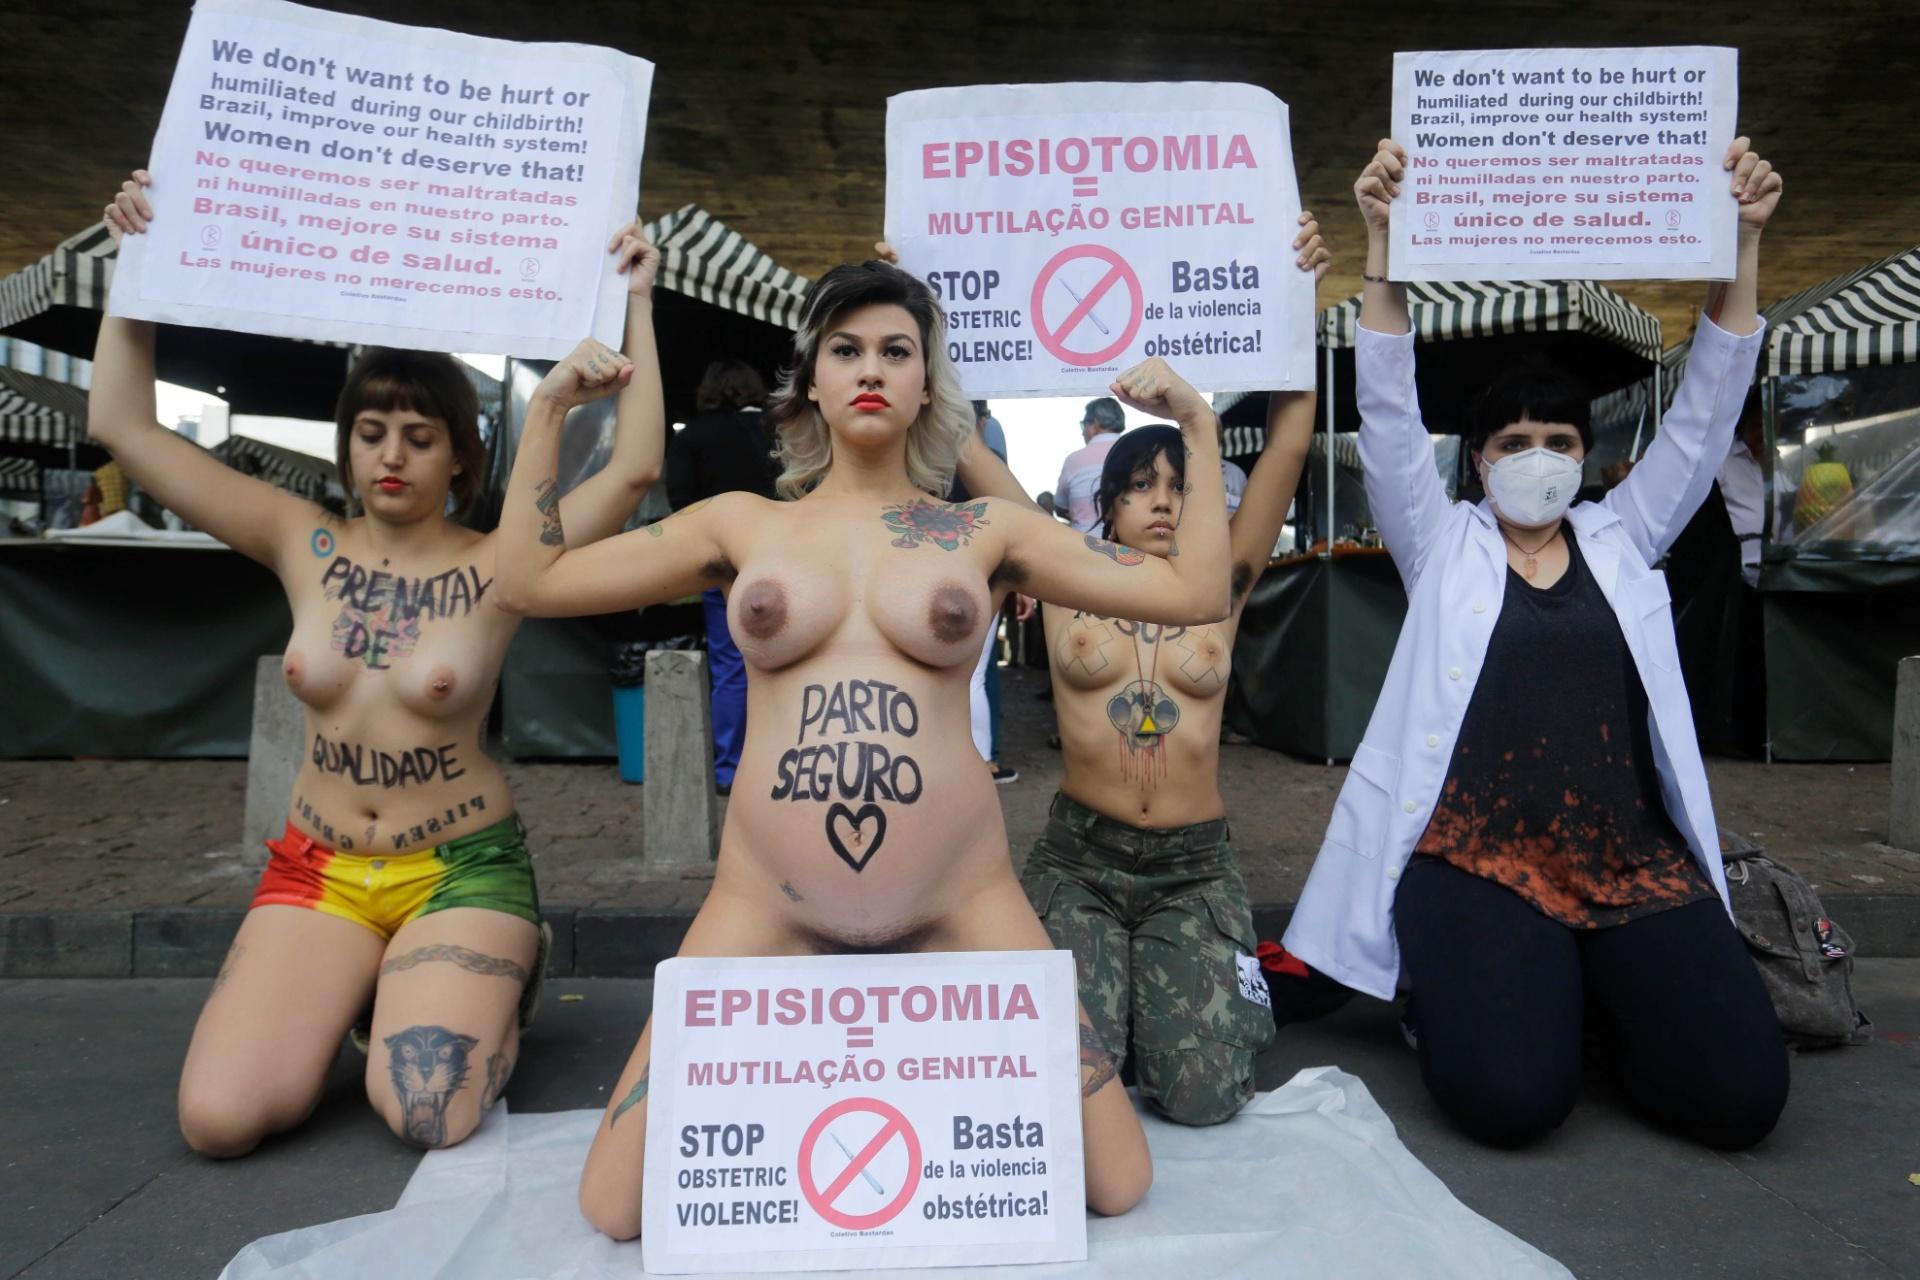 24.mai.2015 - A ativista Sara Winter (no centro) e integrantes do coletivo feminista Bastardxs, realizaram um ato contra a violência no parto durante a manhã deste domingo (24) na avenida Paulista, região central de São Paulo (SP). As ativistas reivindicam a humanização do parto na rede pública de saúde. Sara Winter é ex-integrante do Femen do Brasil